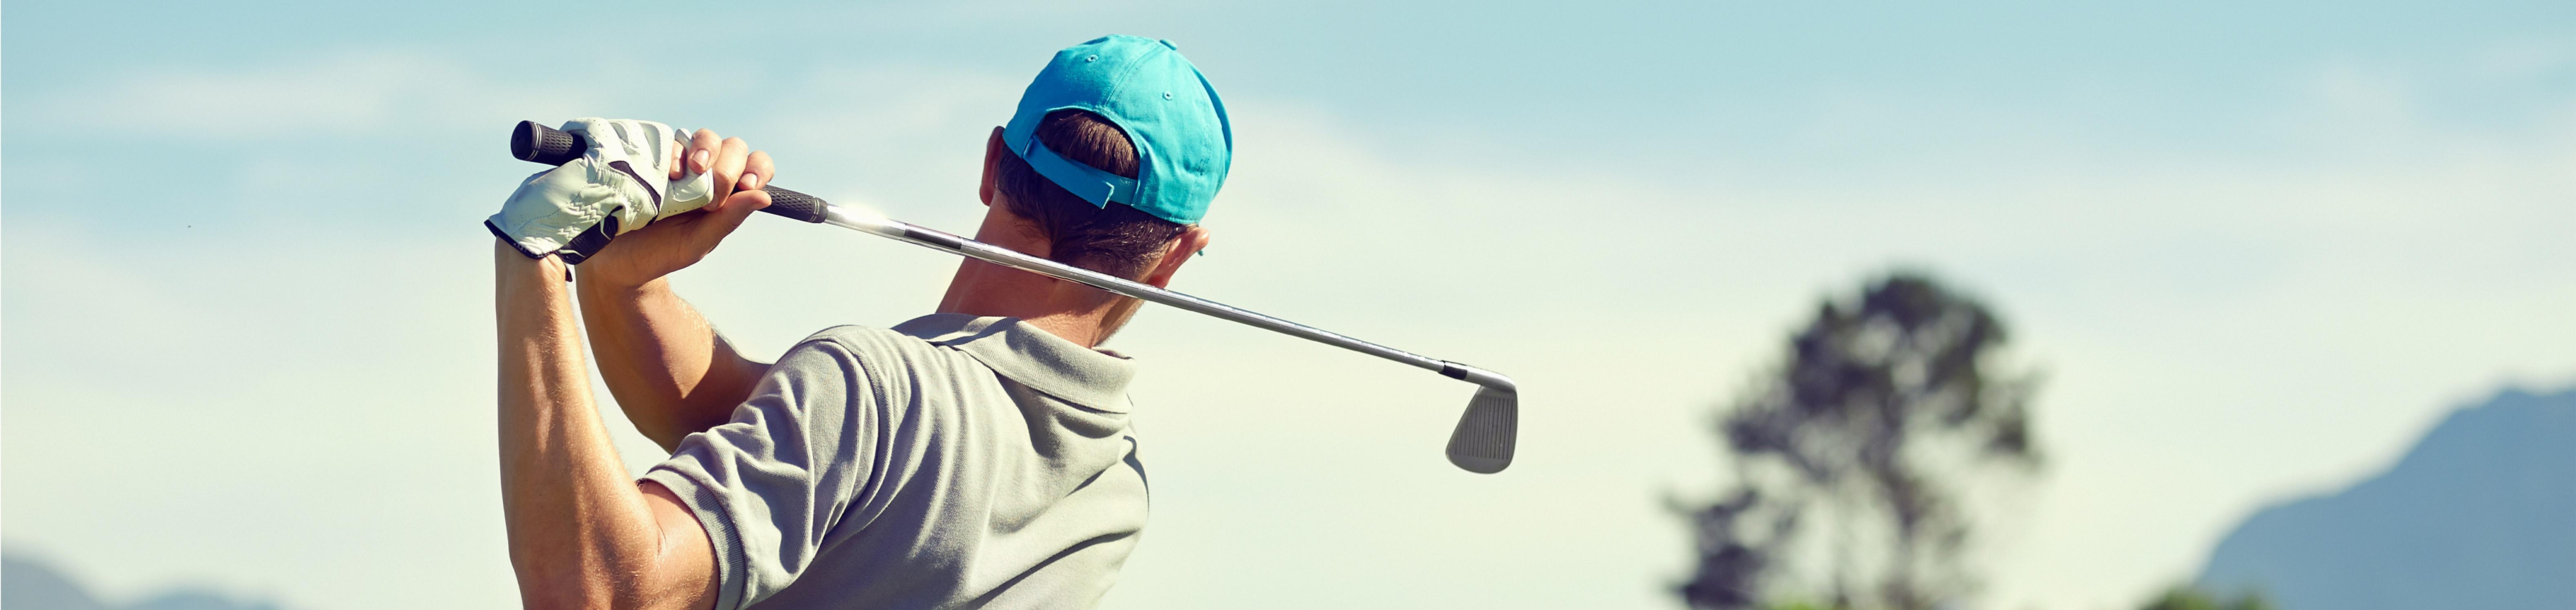 516c063222 Shamir Golf™ - Shamir USA